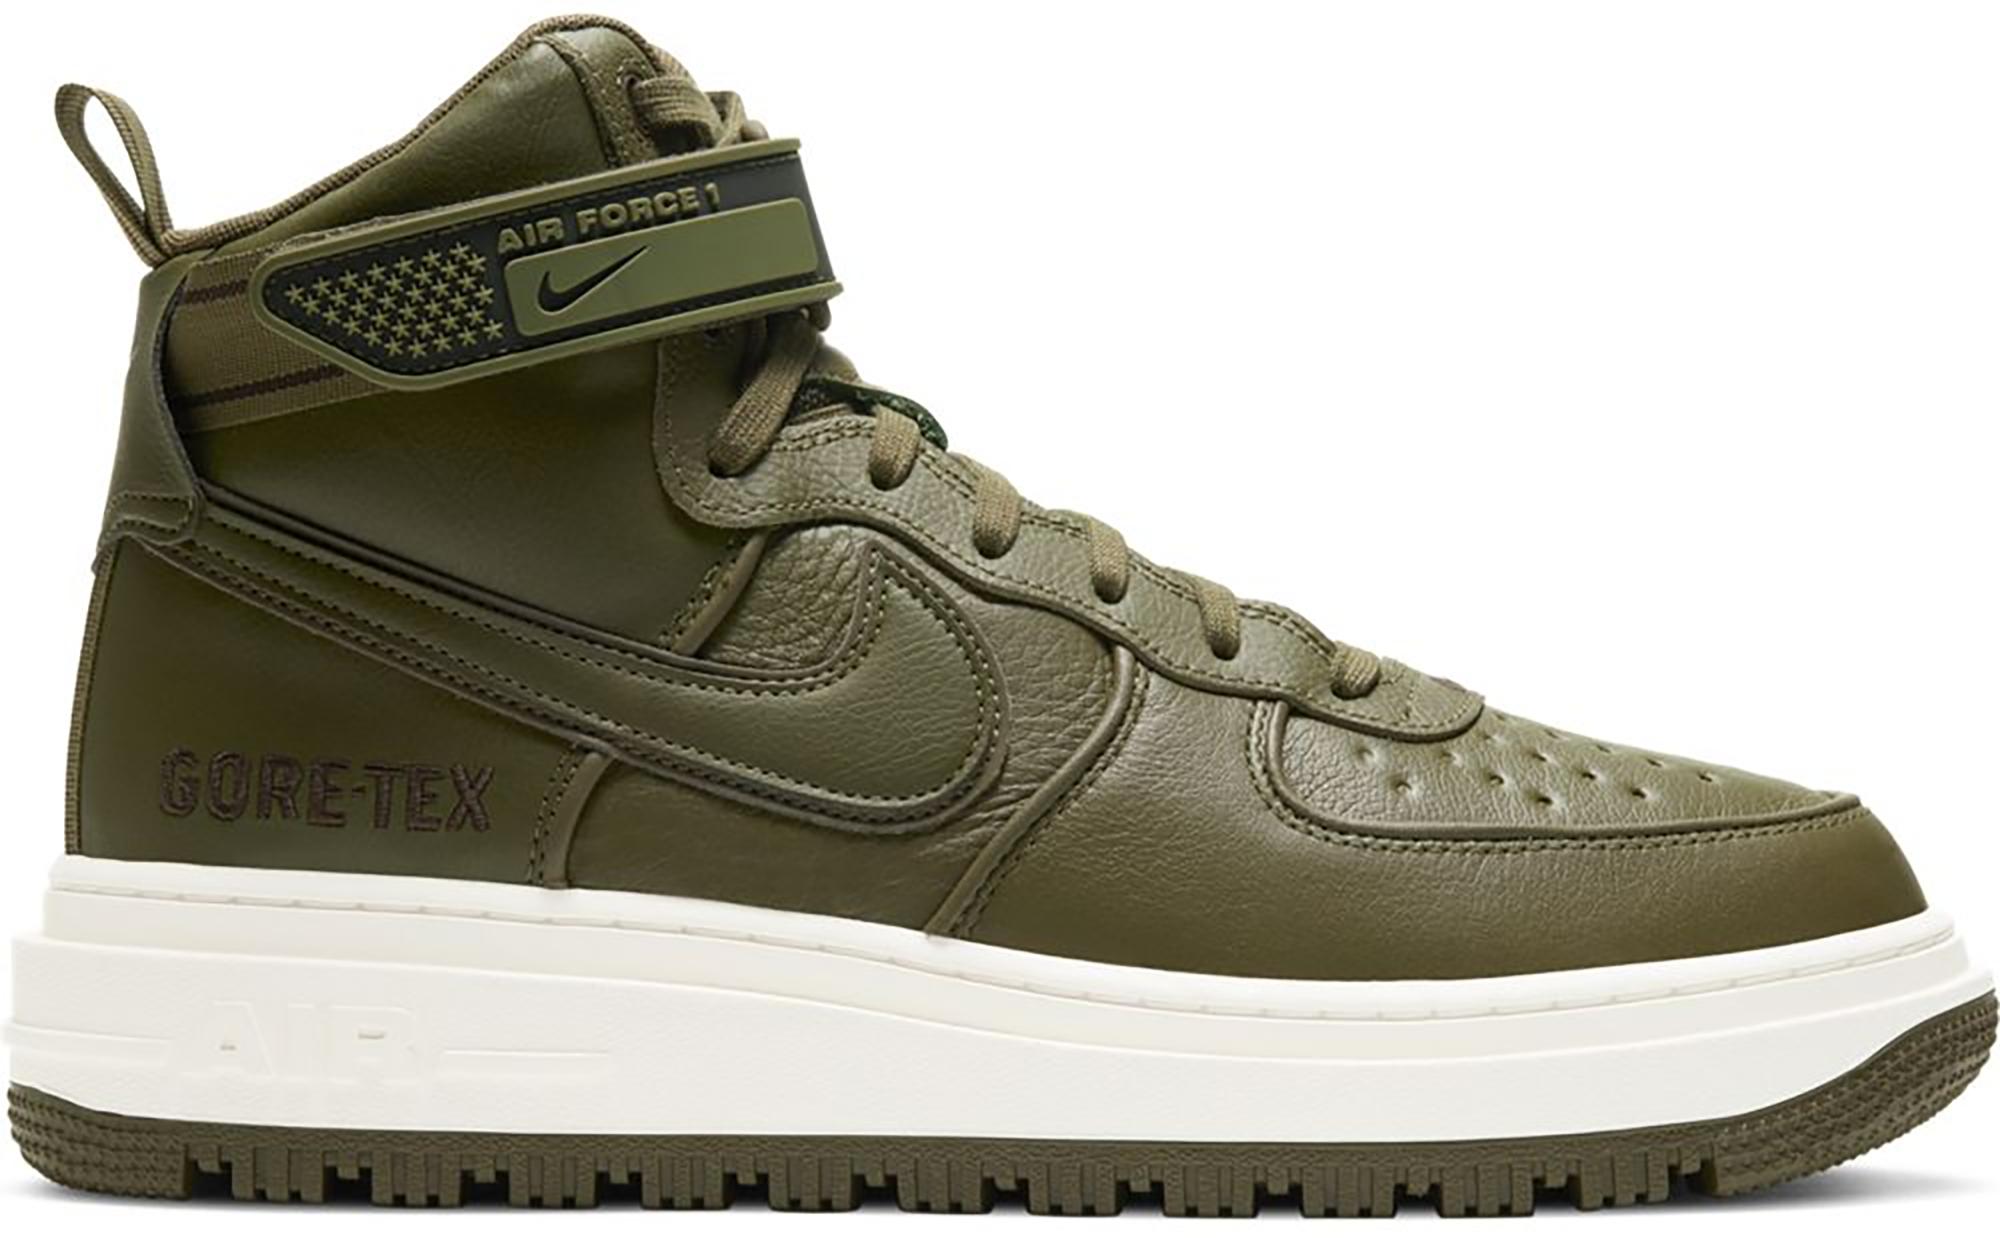 Nike Air Force 1 High Gore-Tex Boot